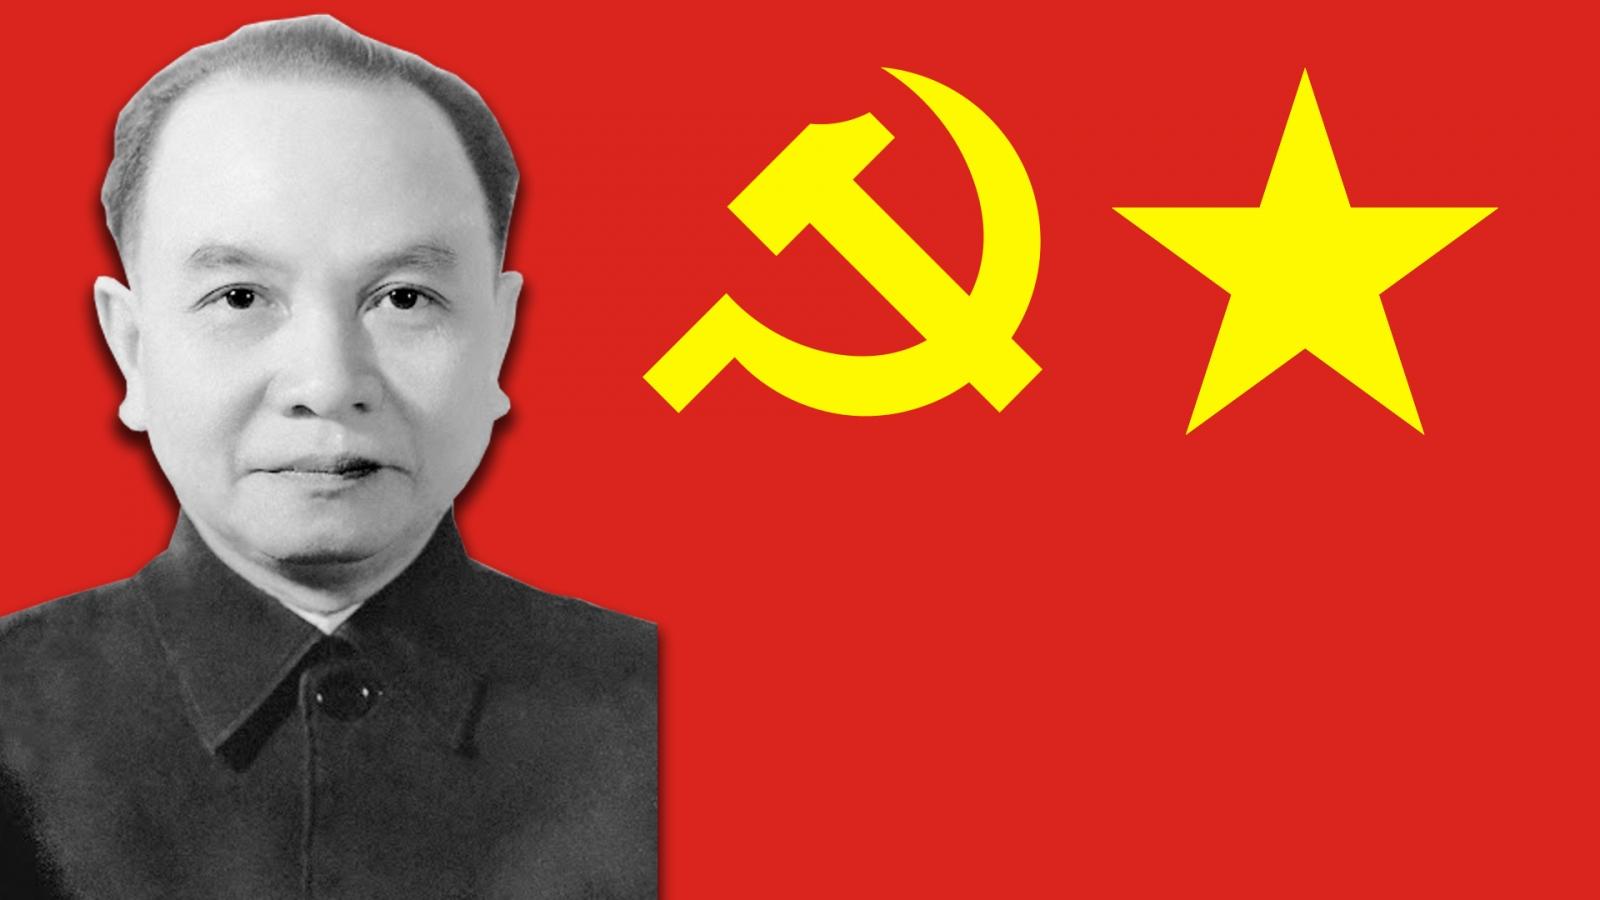 Tổng Bí thư Trường Chinh - chiến sĩ cộng sản mẫu mực